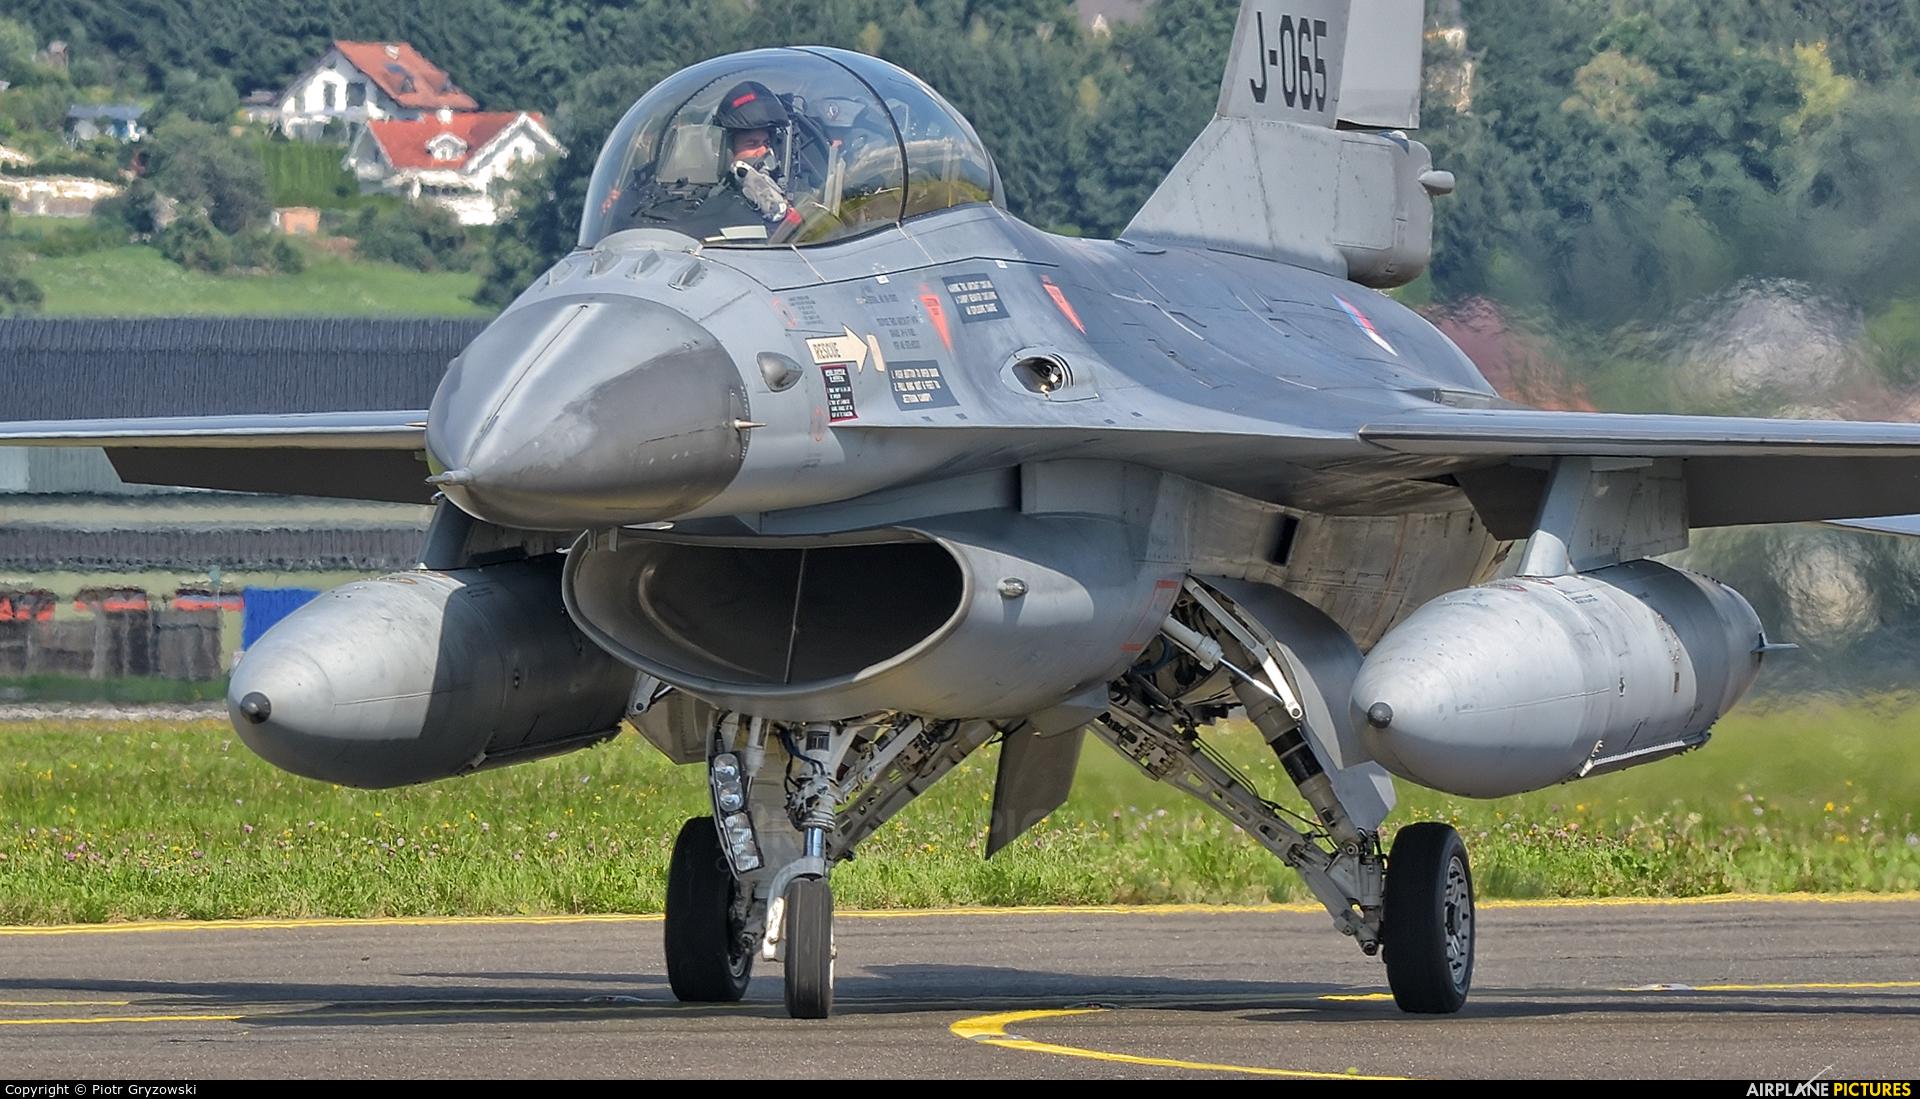 Netherlands - Air Force J-065 aircraft at Zeltweg